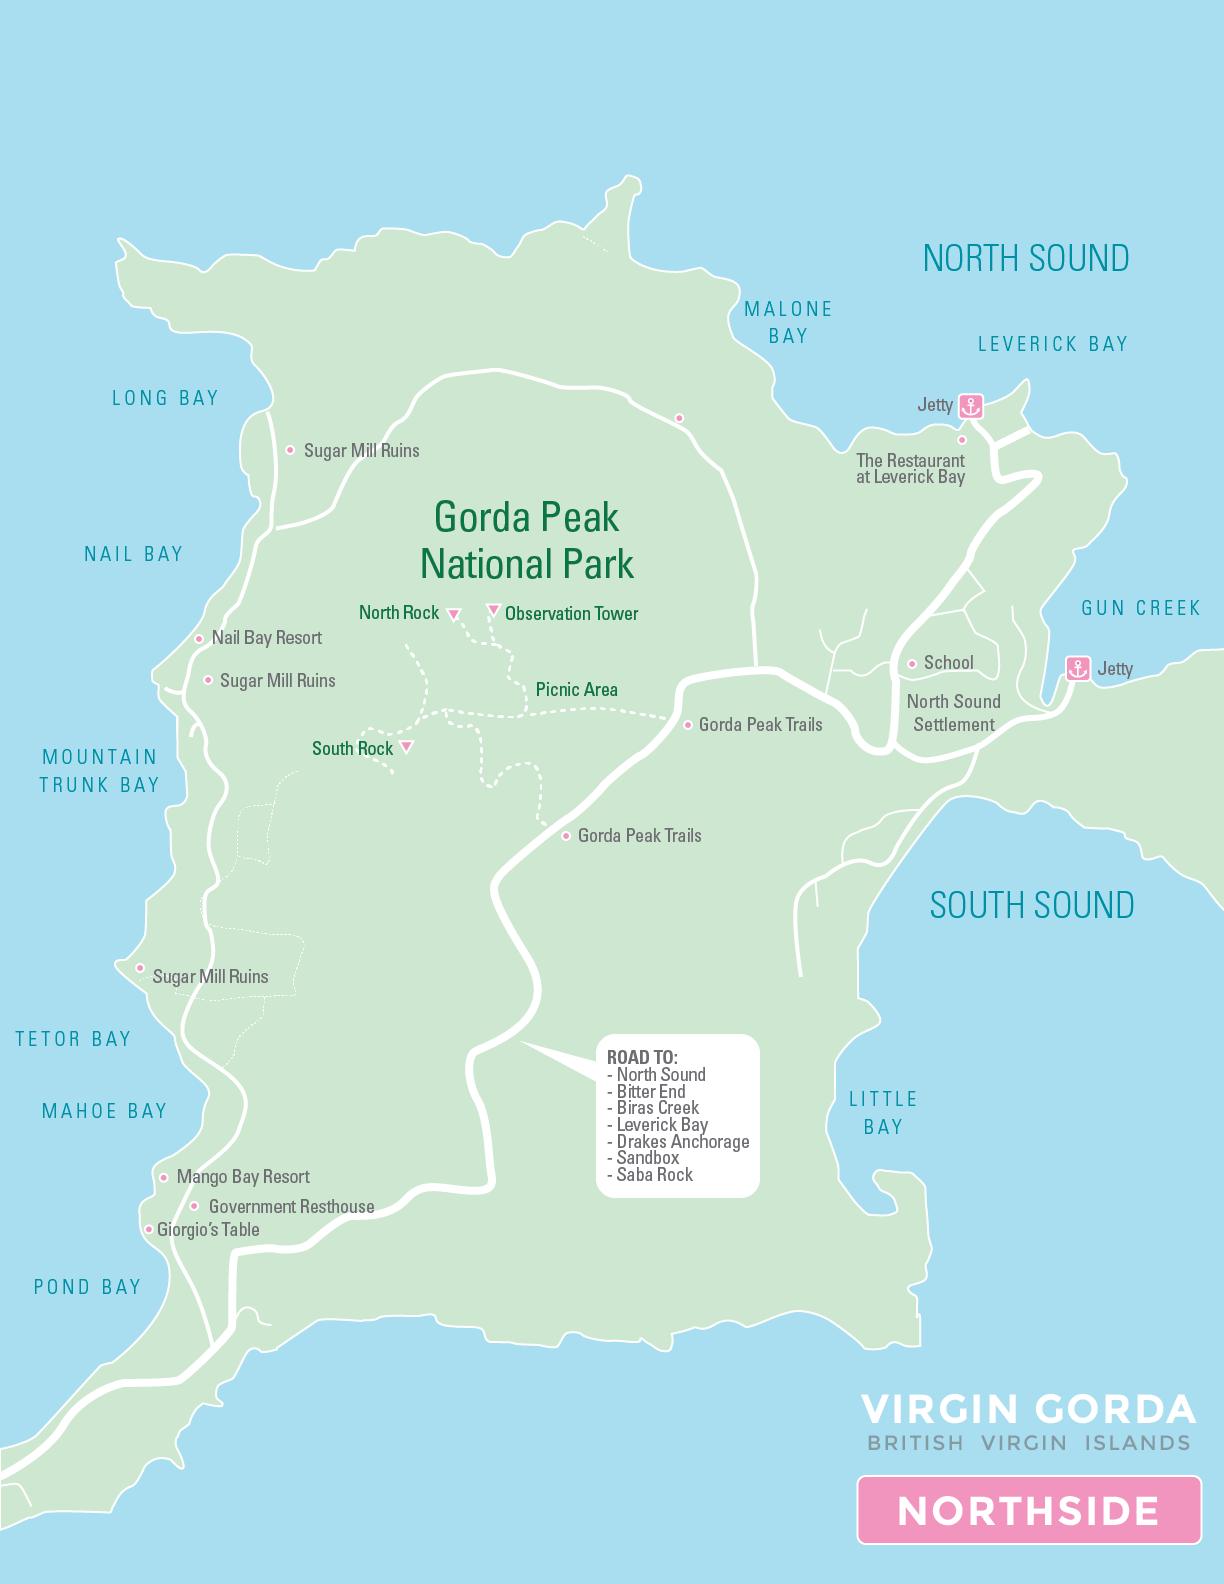 map_northside-2014